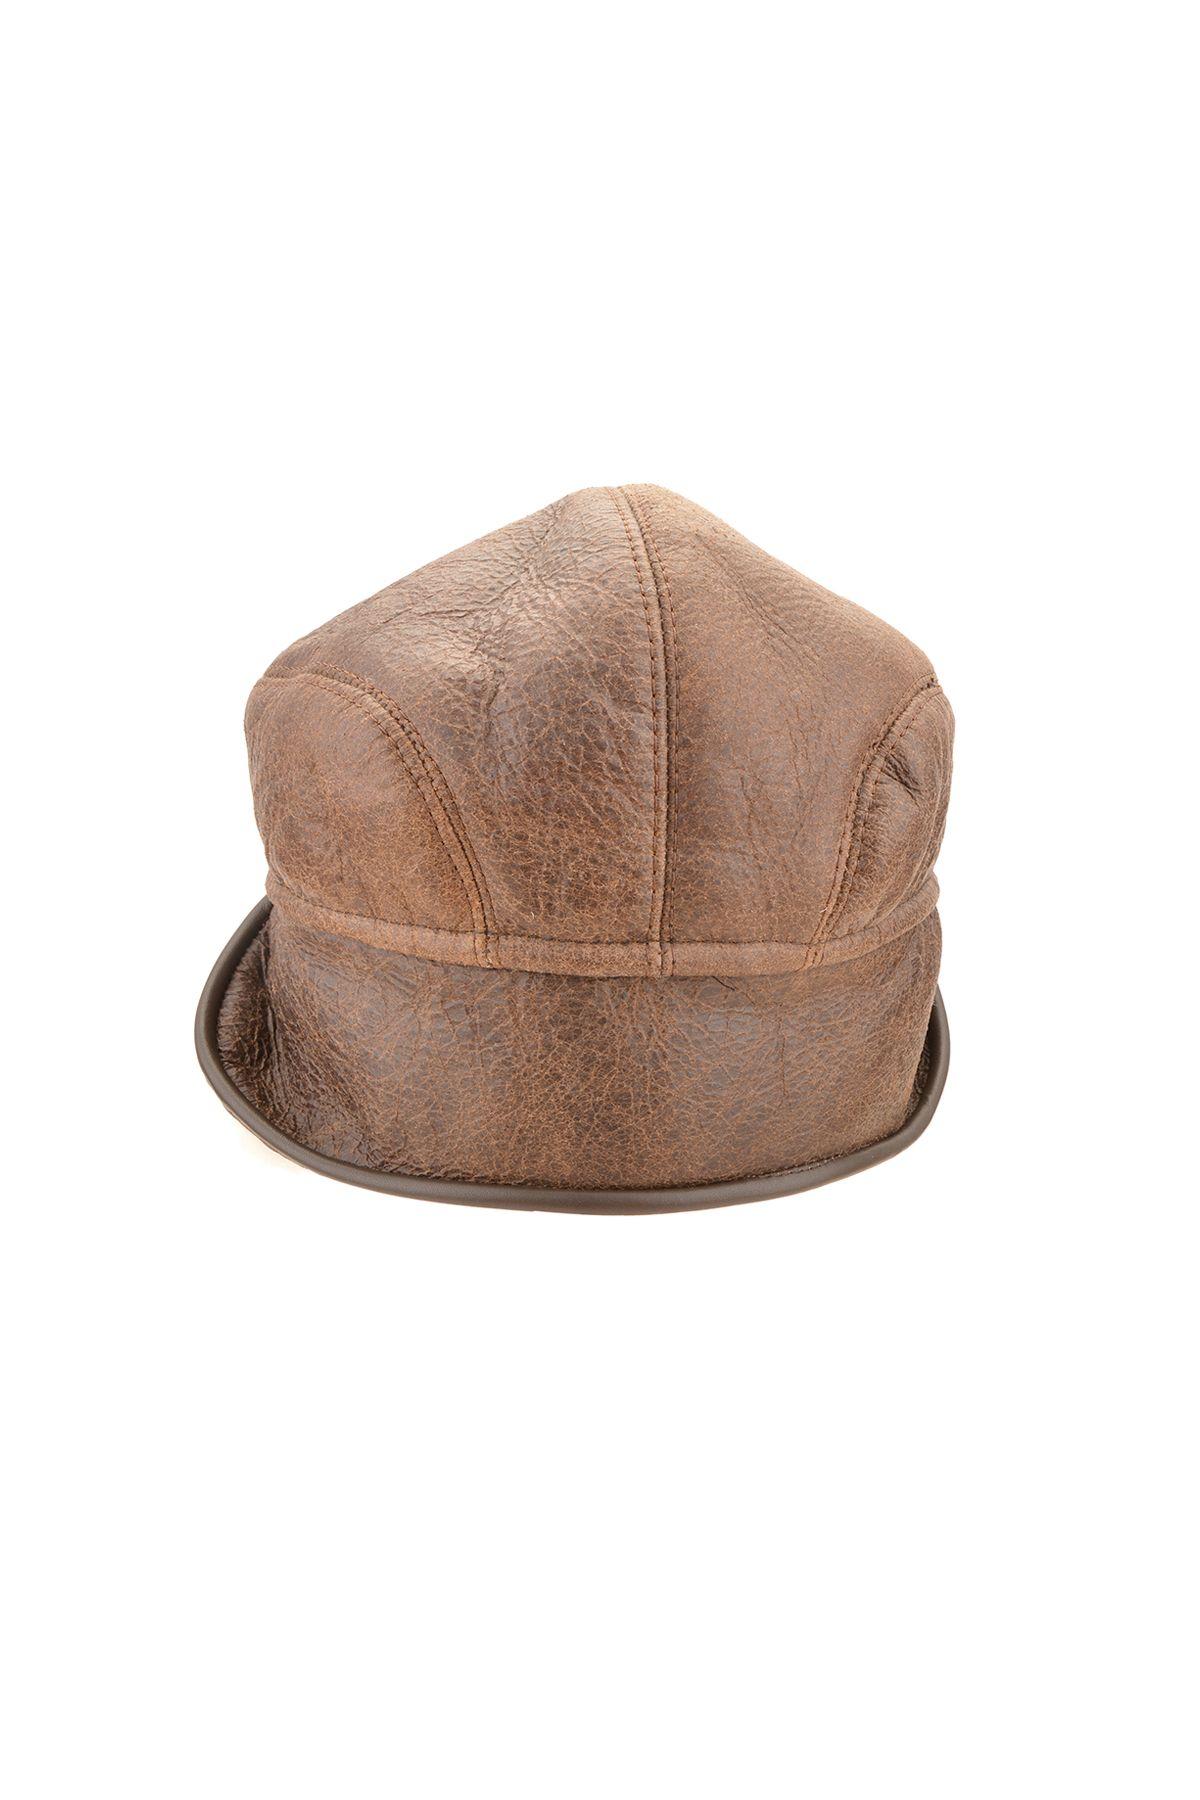 Pegia Hakiki Vintage Deri İçi Kürk Kep Şapka 18AS15 Kahve